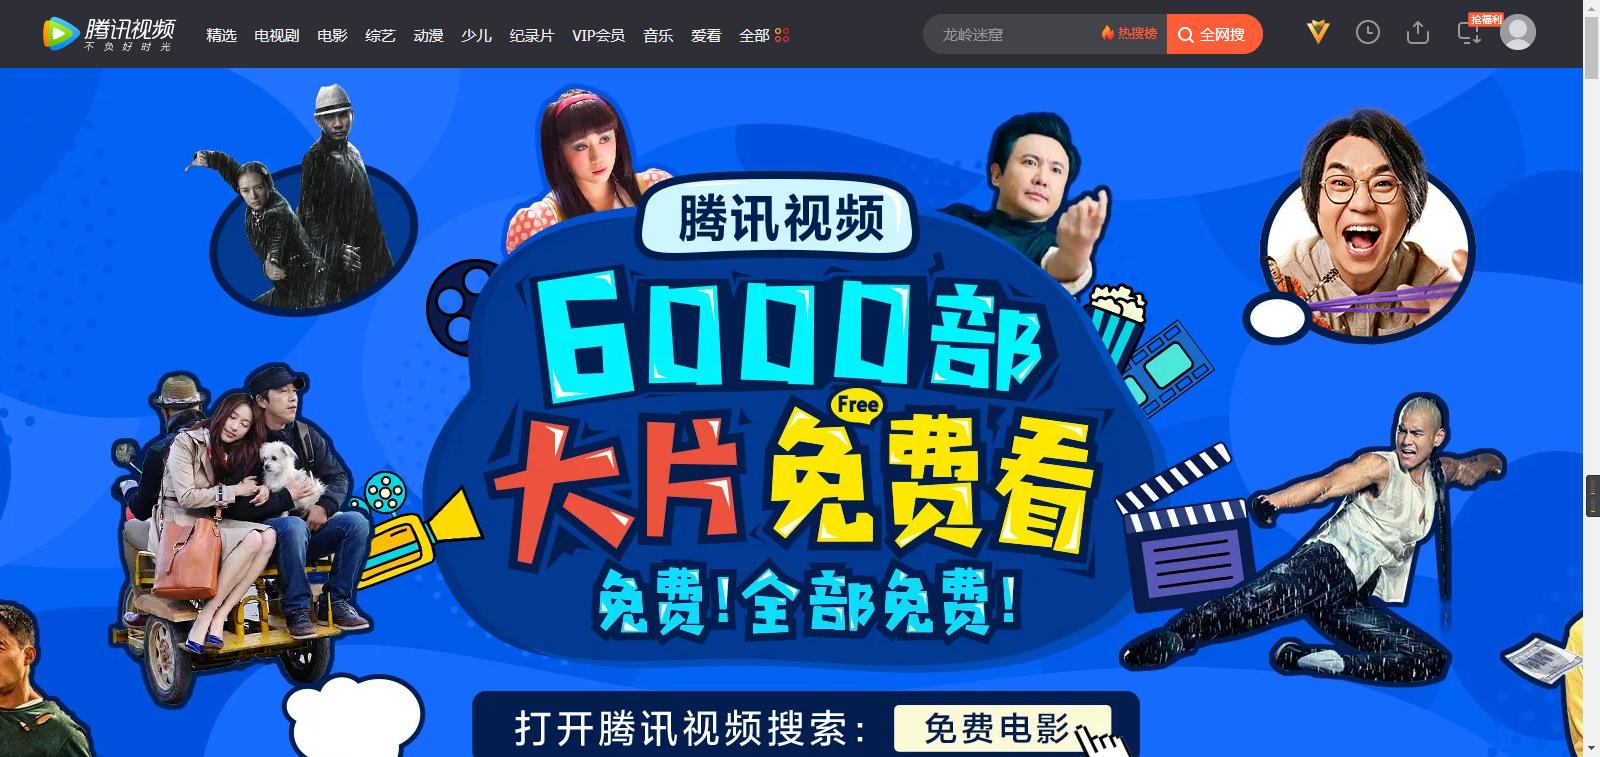 发福利了:腾讯视频免费看6000部电影